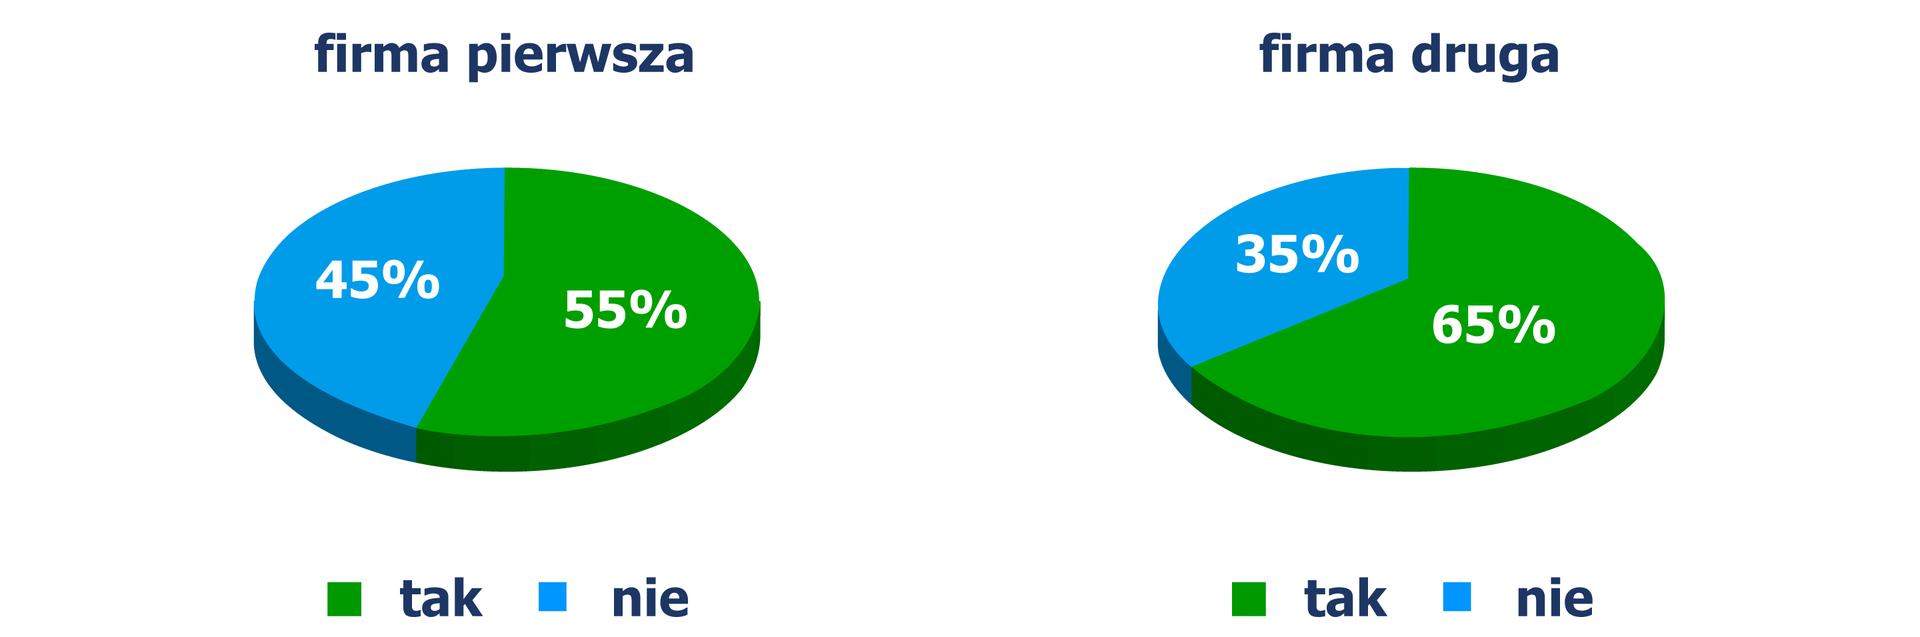 Rysunek dwóch diagramów kołowych, zktórych odczytujemy udział pracowników wzorganizowanej formie wypoczynku: Diagram pierwszy / firma pierwsza - 45% pracowników odpowiedziało NIE, 55% TAK. Diagram drugi / firma druga - 35% pracowników odpowiedziało NIE, 65% TAK.